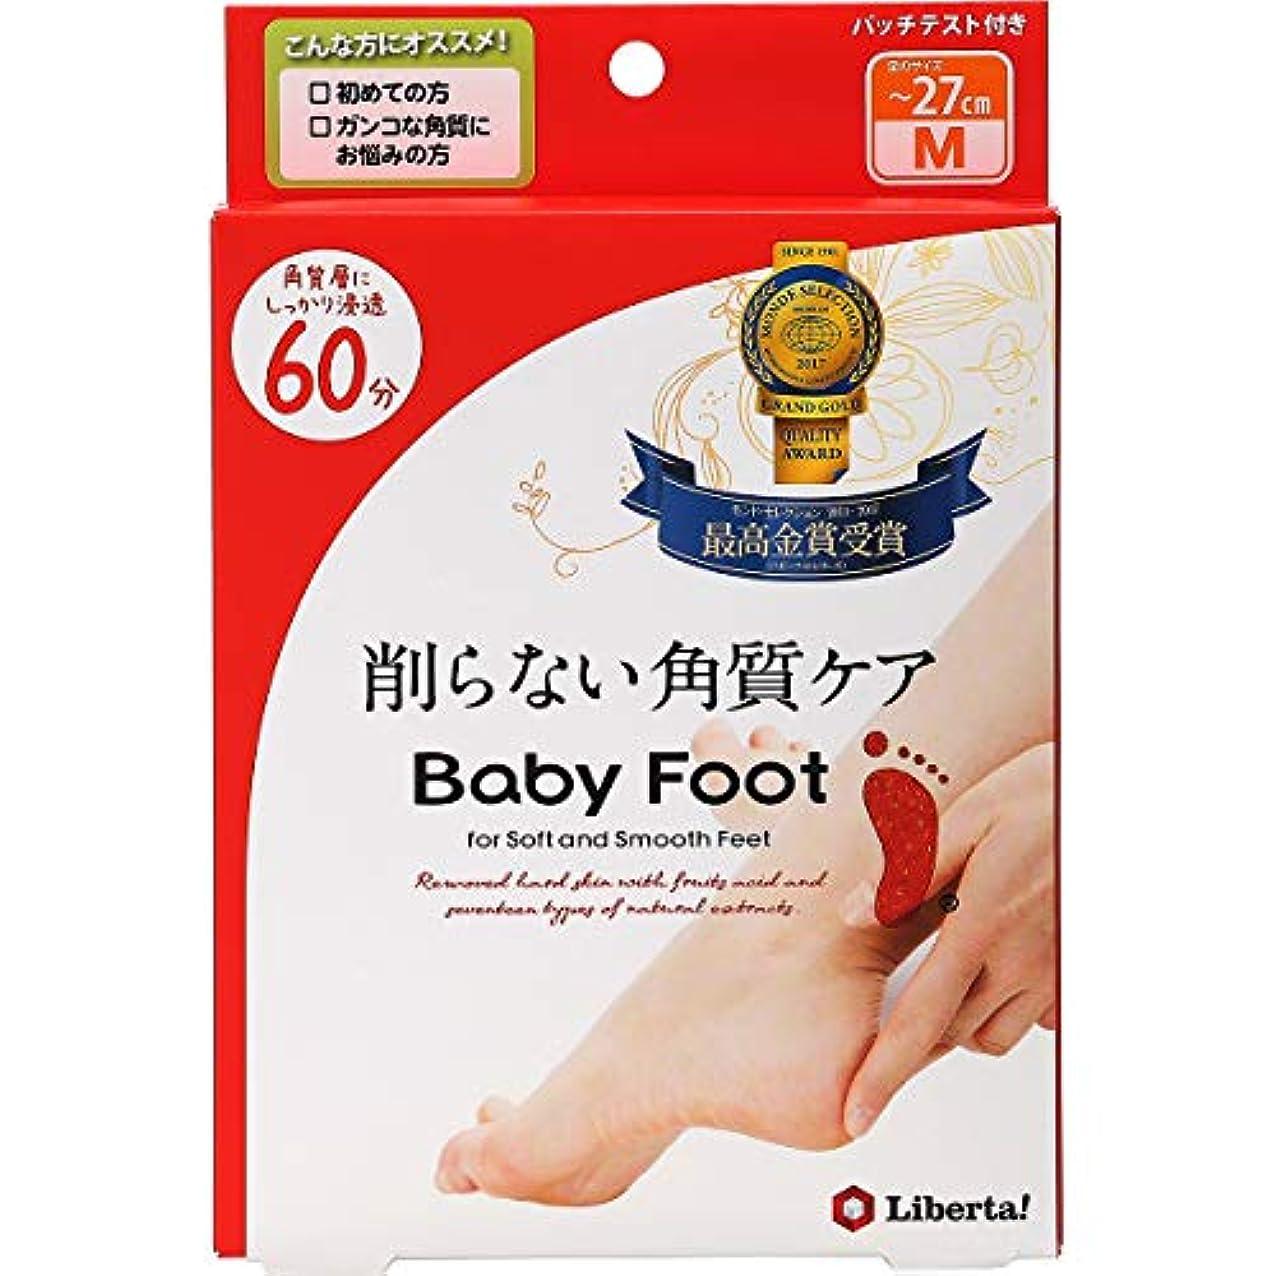 振り返る不健全管理ベビーフット (Baby Foot) ベビーフット イージーパック SPT60分タイプ Mサイズ 単品